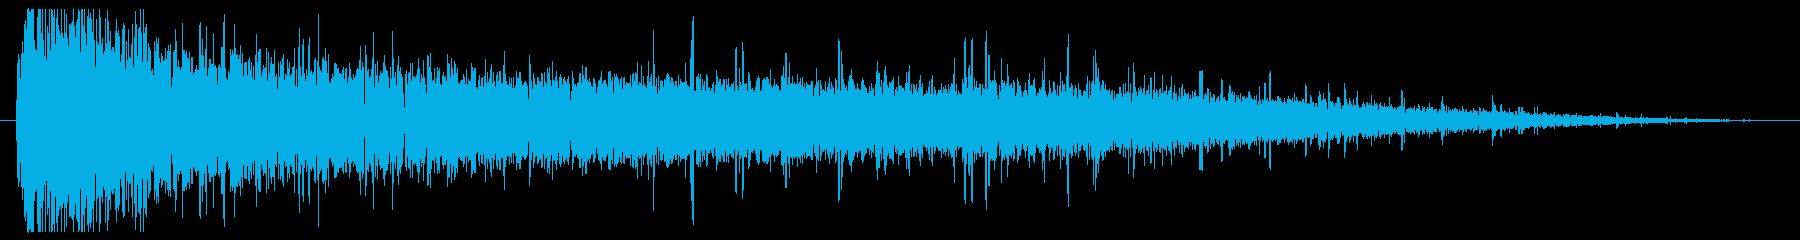 爆発の再生済みの波形